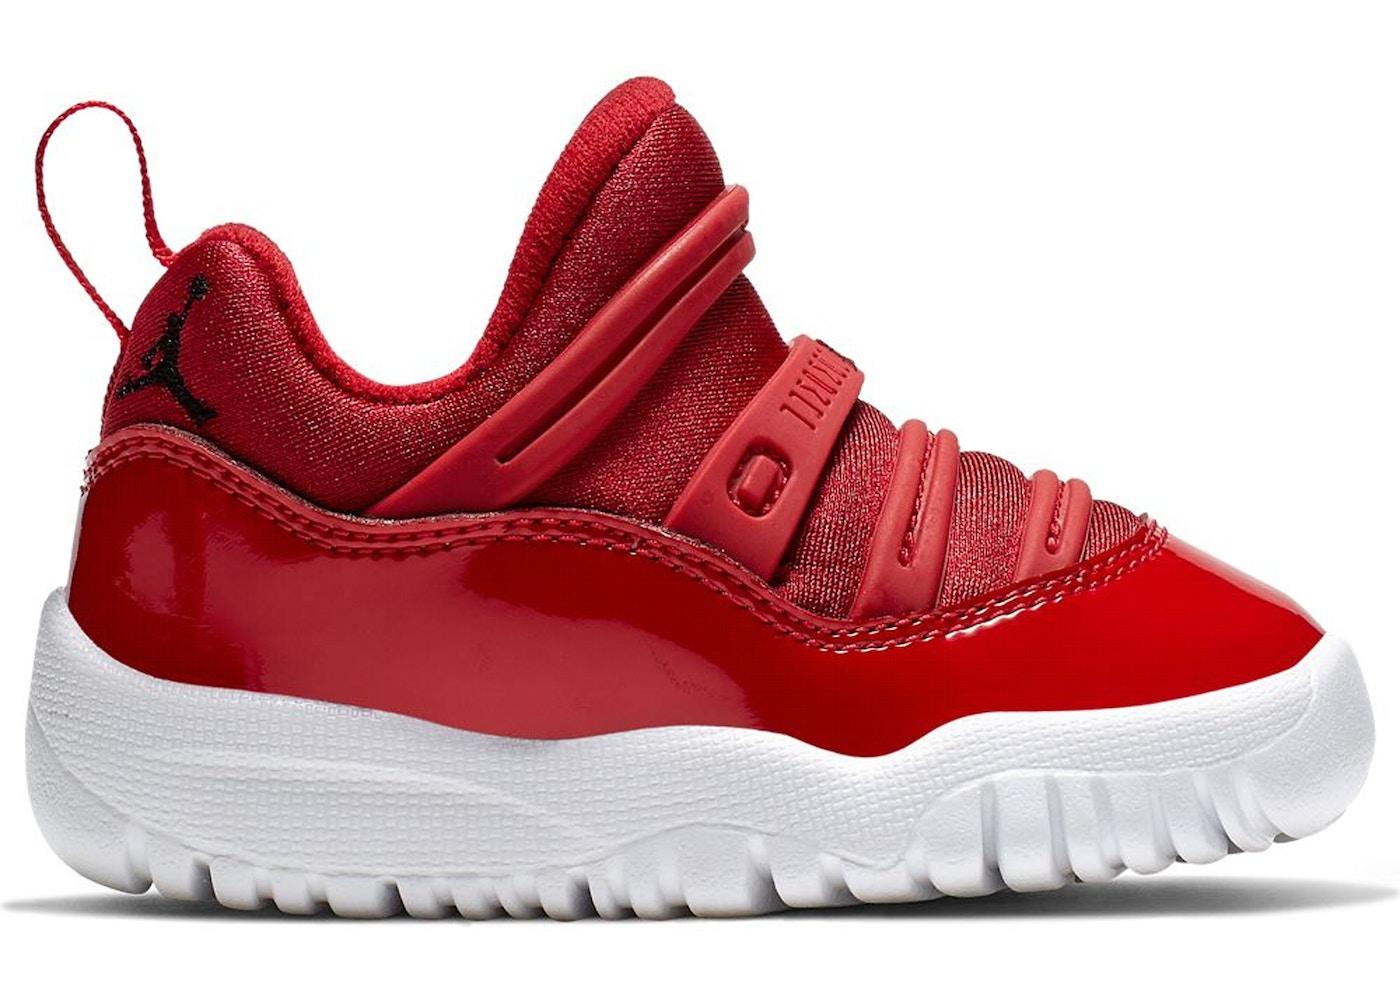 860f387bc64 Jordan 11 Retro Little Flex Gym Red (TD)